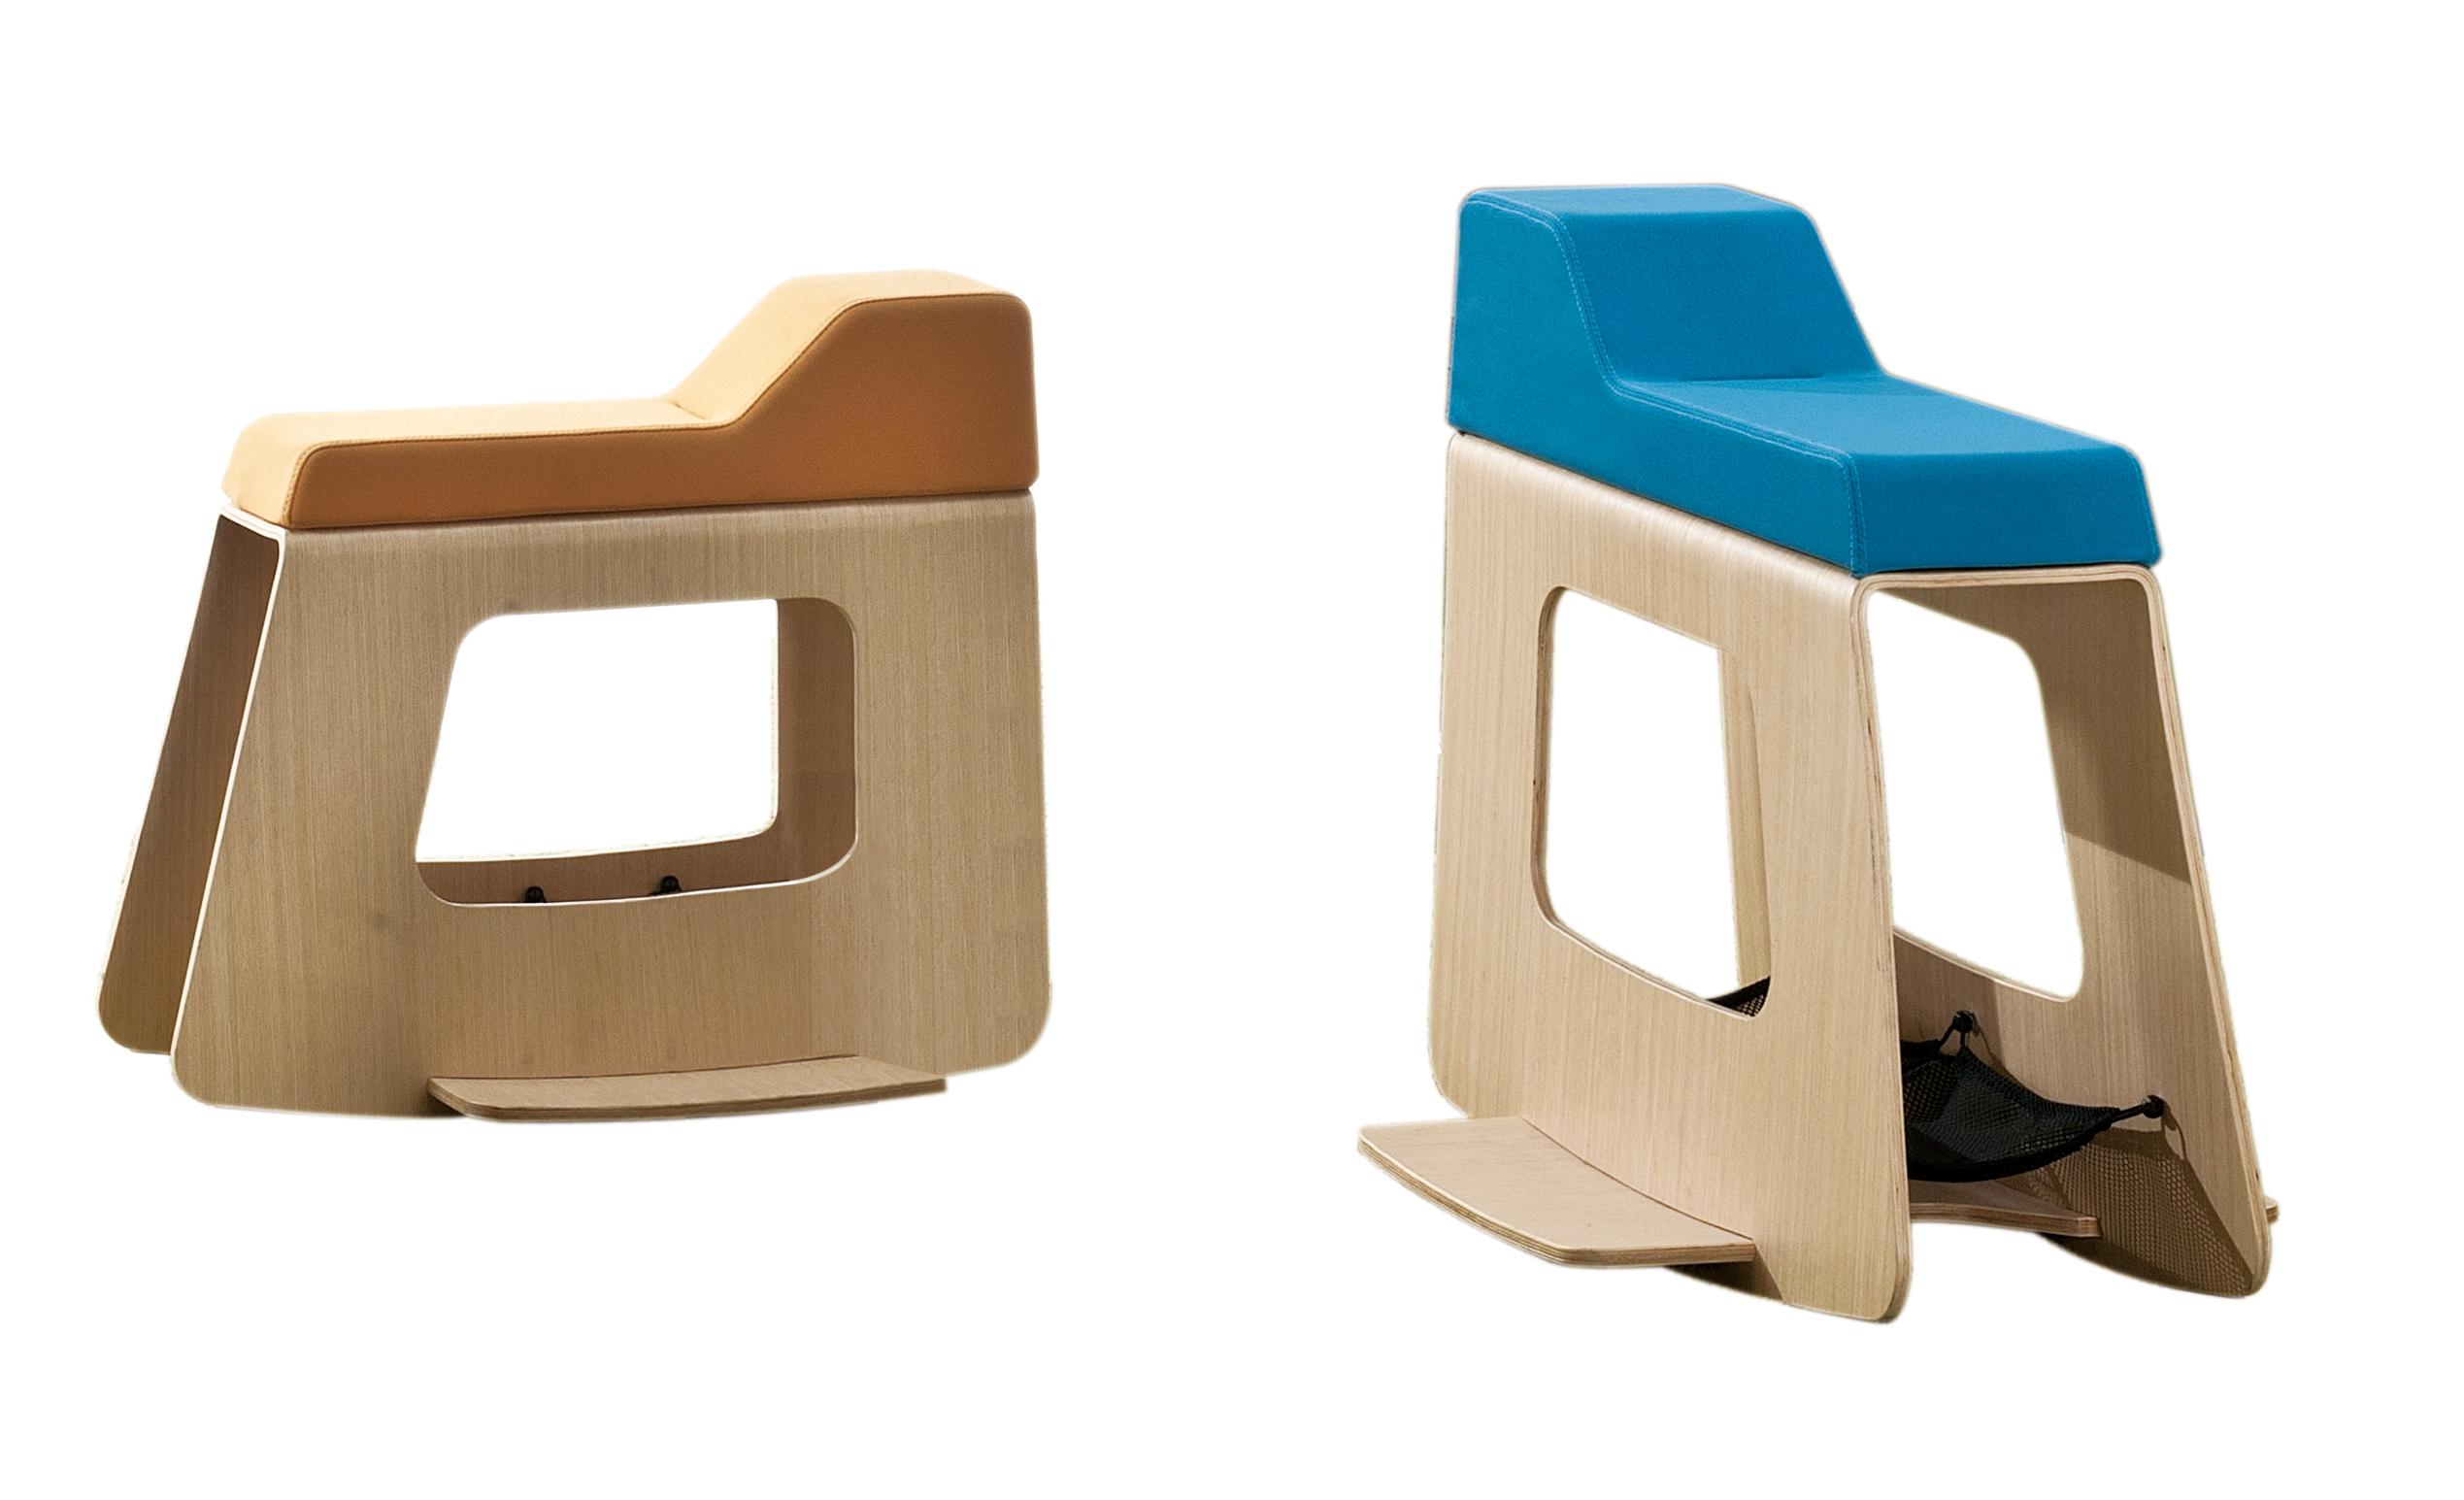 """震旦發表「形自在·樂辦公」家具新品, 並獲選米蘭中國當代設計""""坐""""品"""